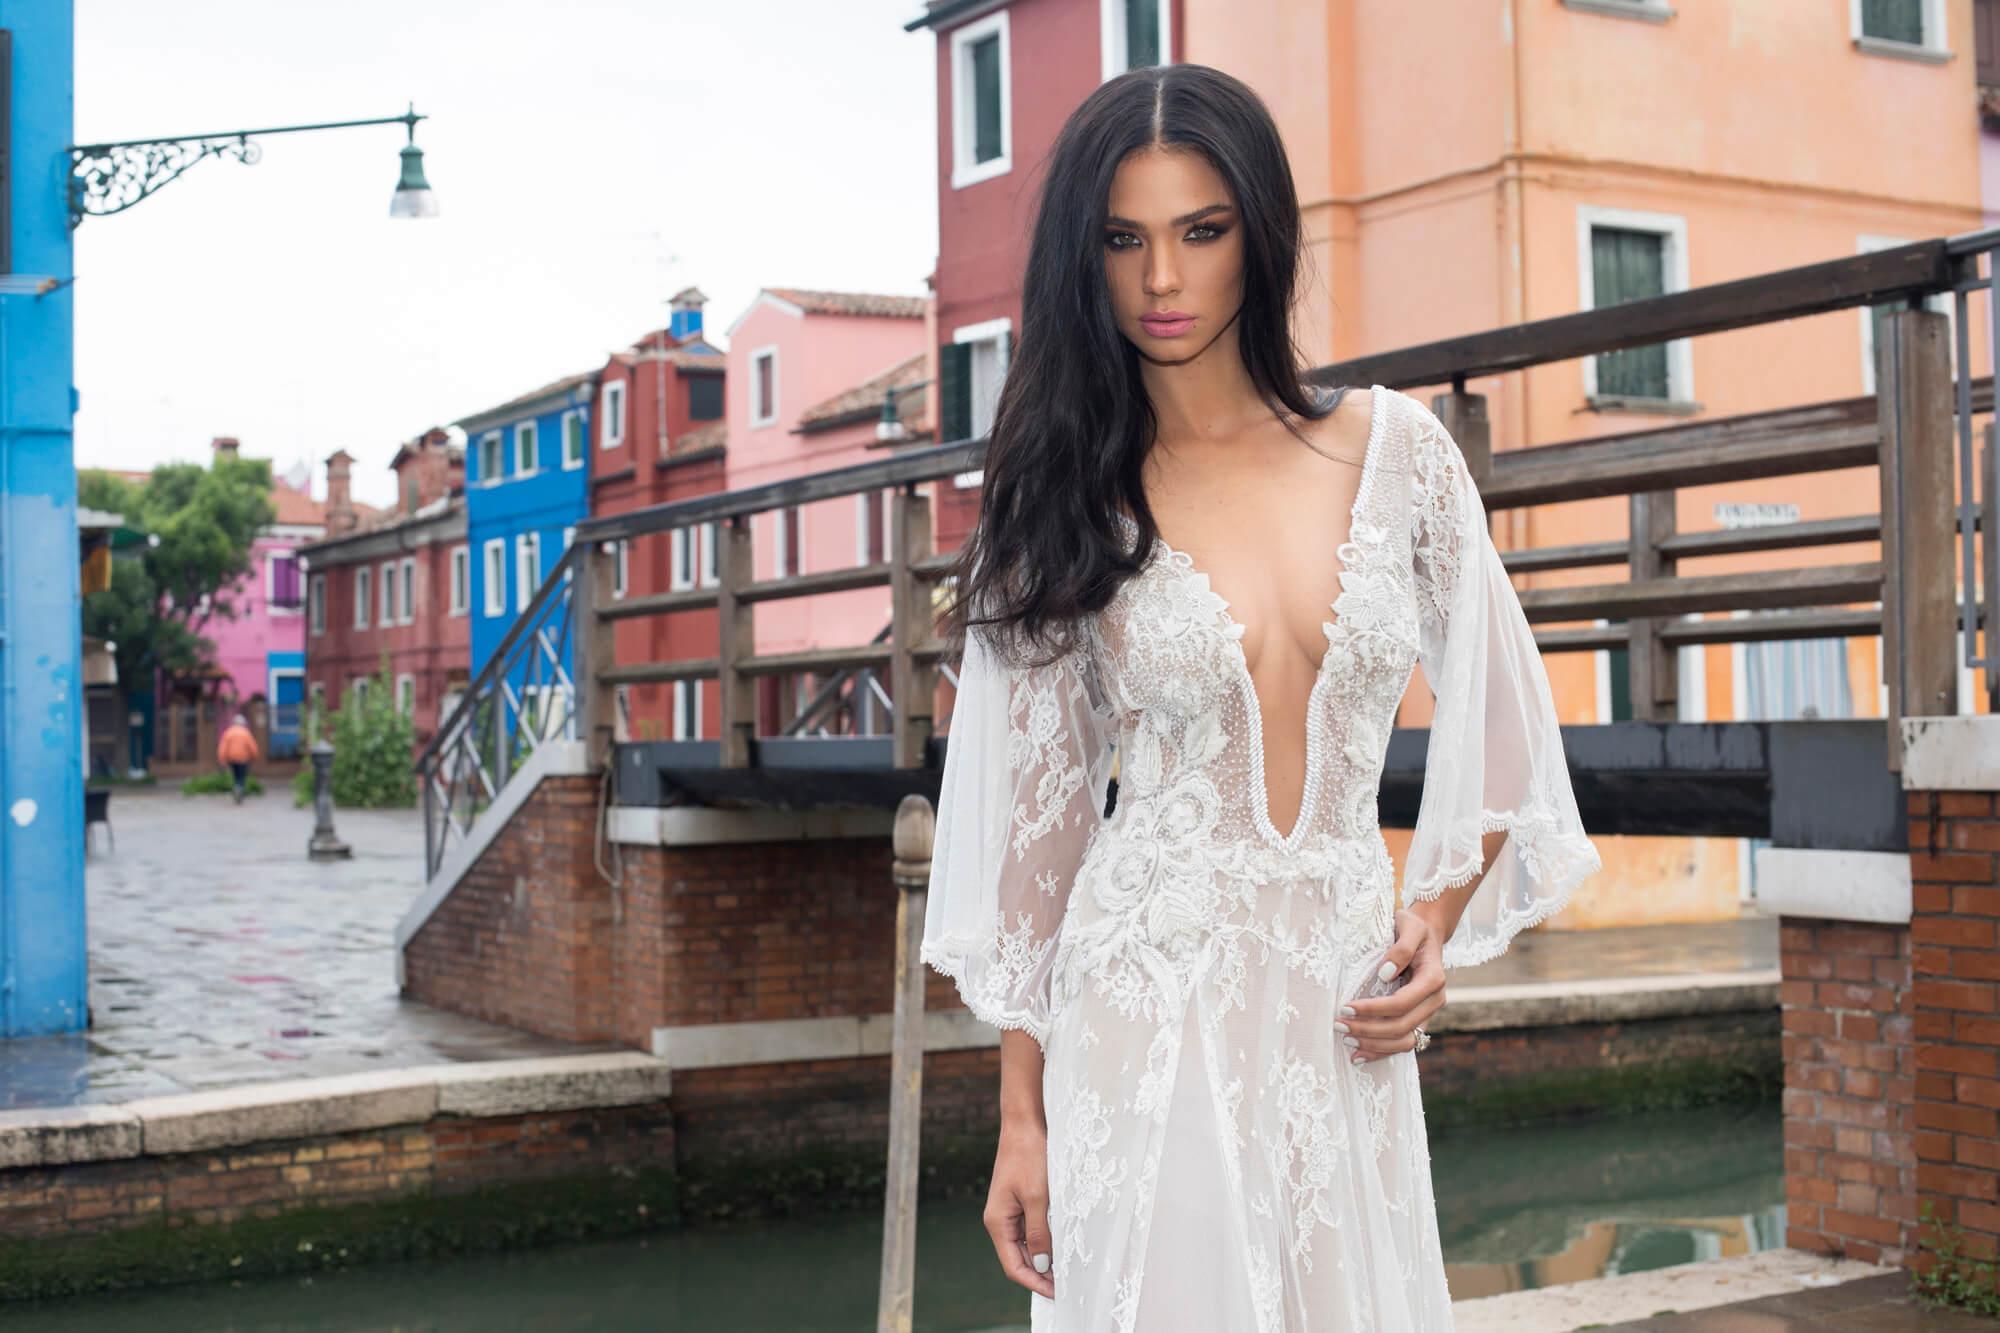 כלות צריכות יותר משתי שמלות באירוע